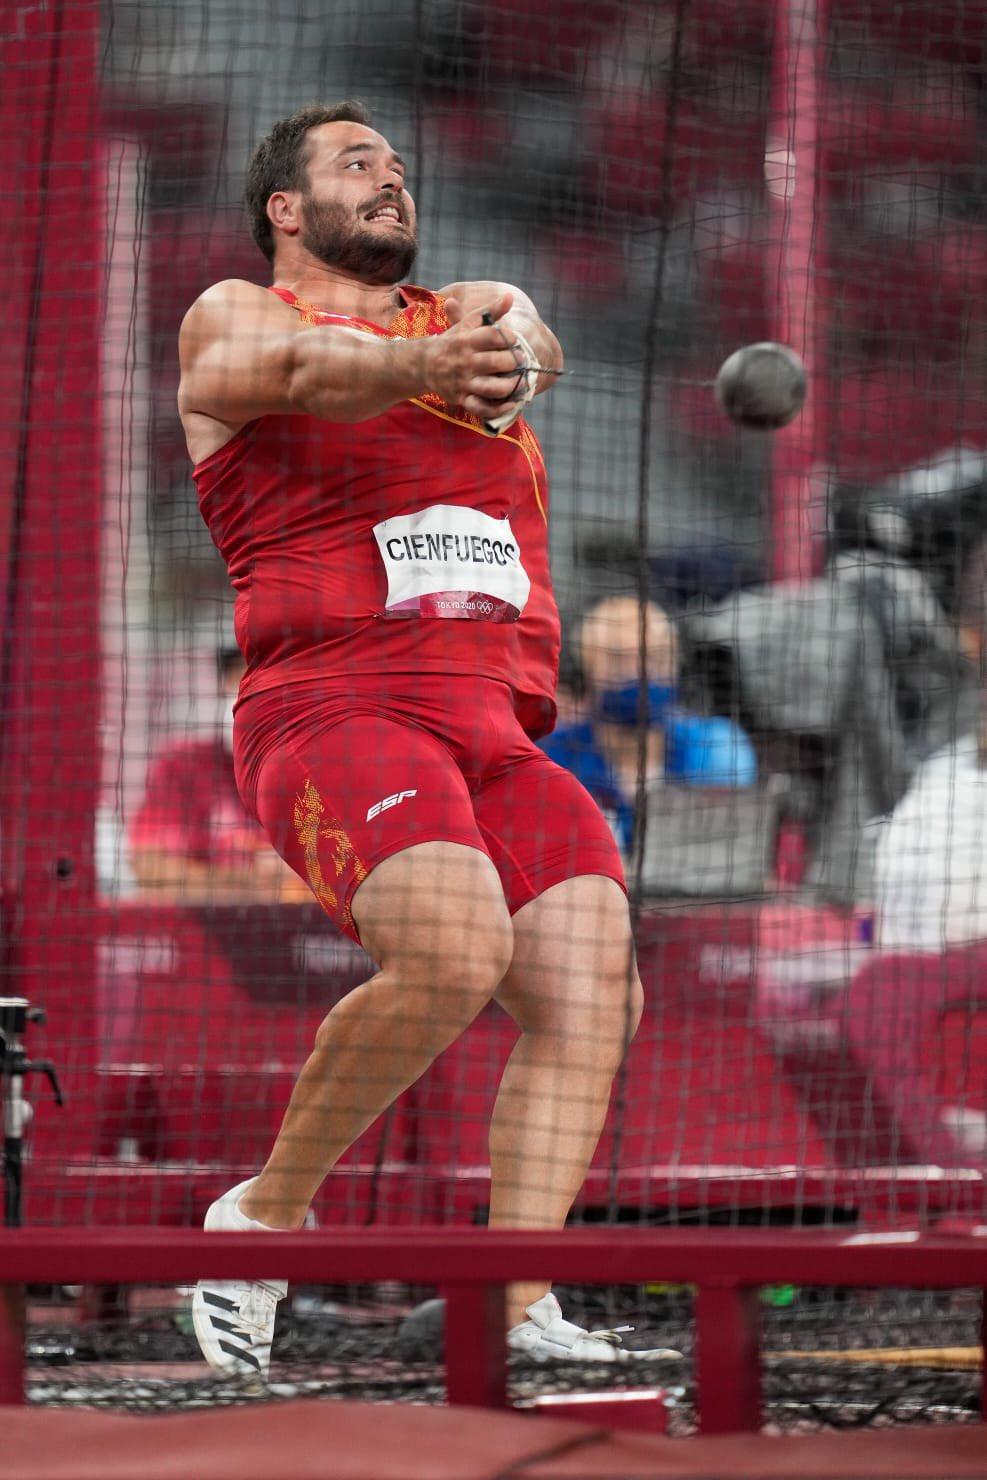 Atletismo: Cienfuegos, décimo en su primera final olímpica